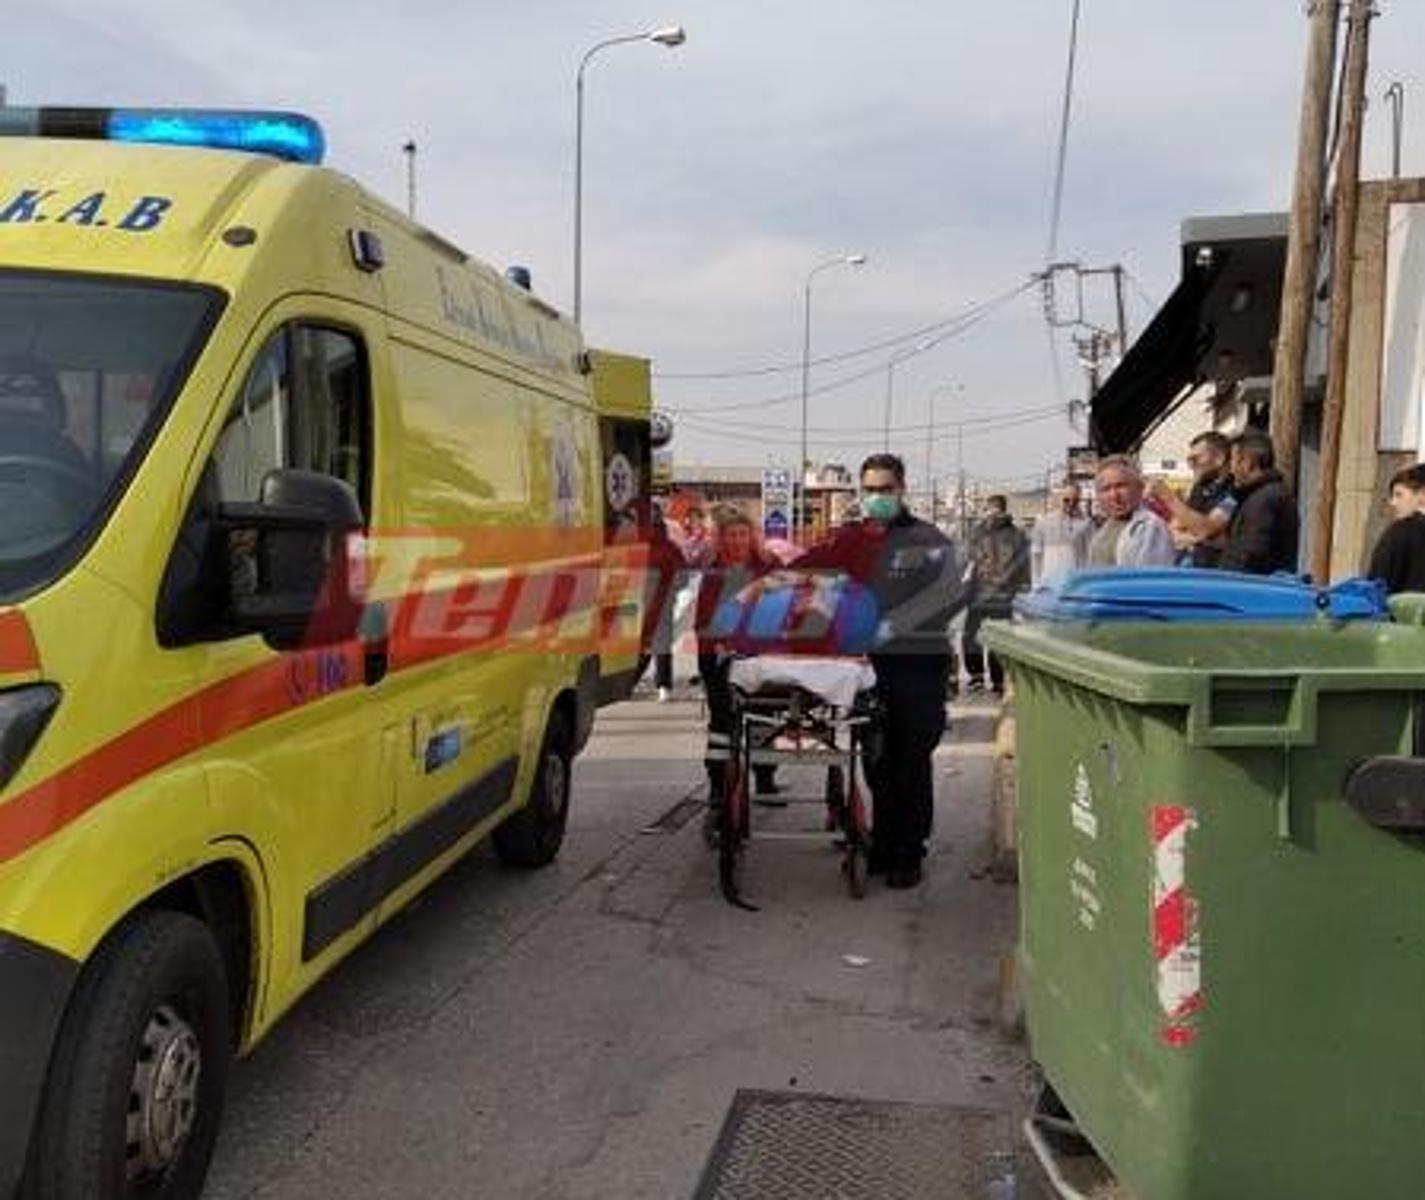 Πάτρα: Σοβαρό τροχαίο με δύο τραυματίες